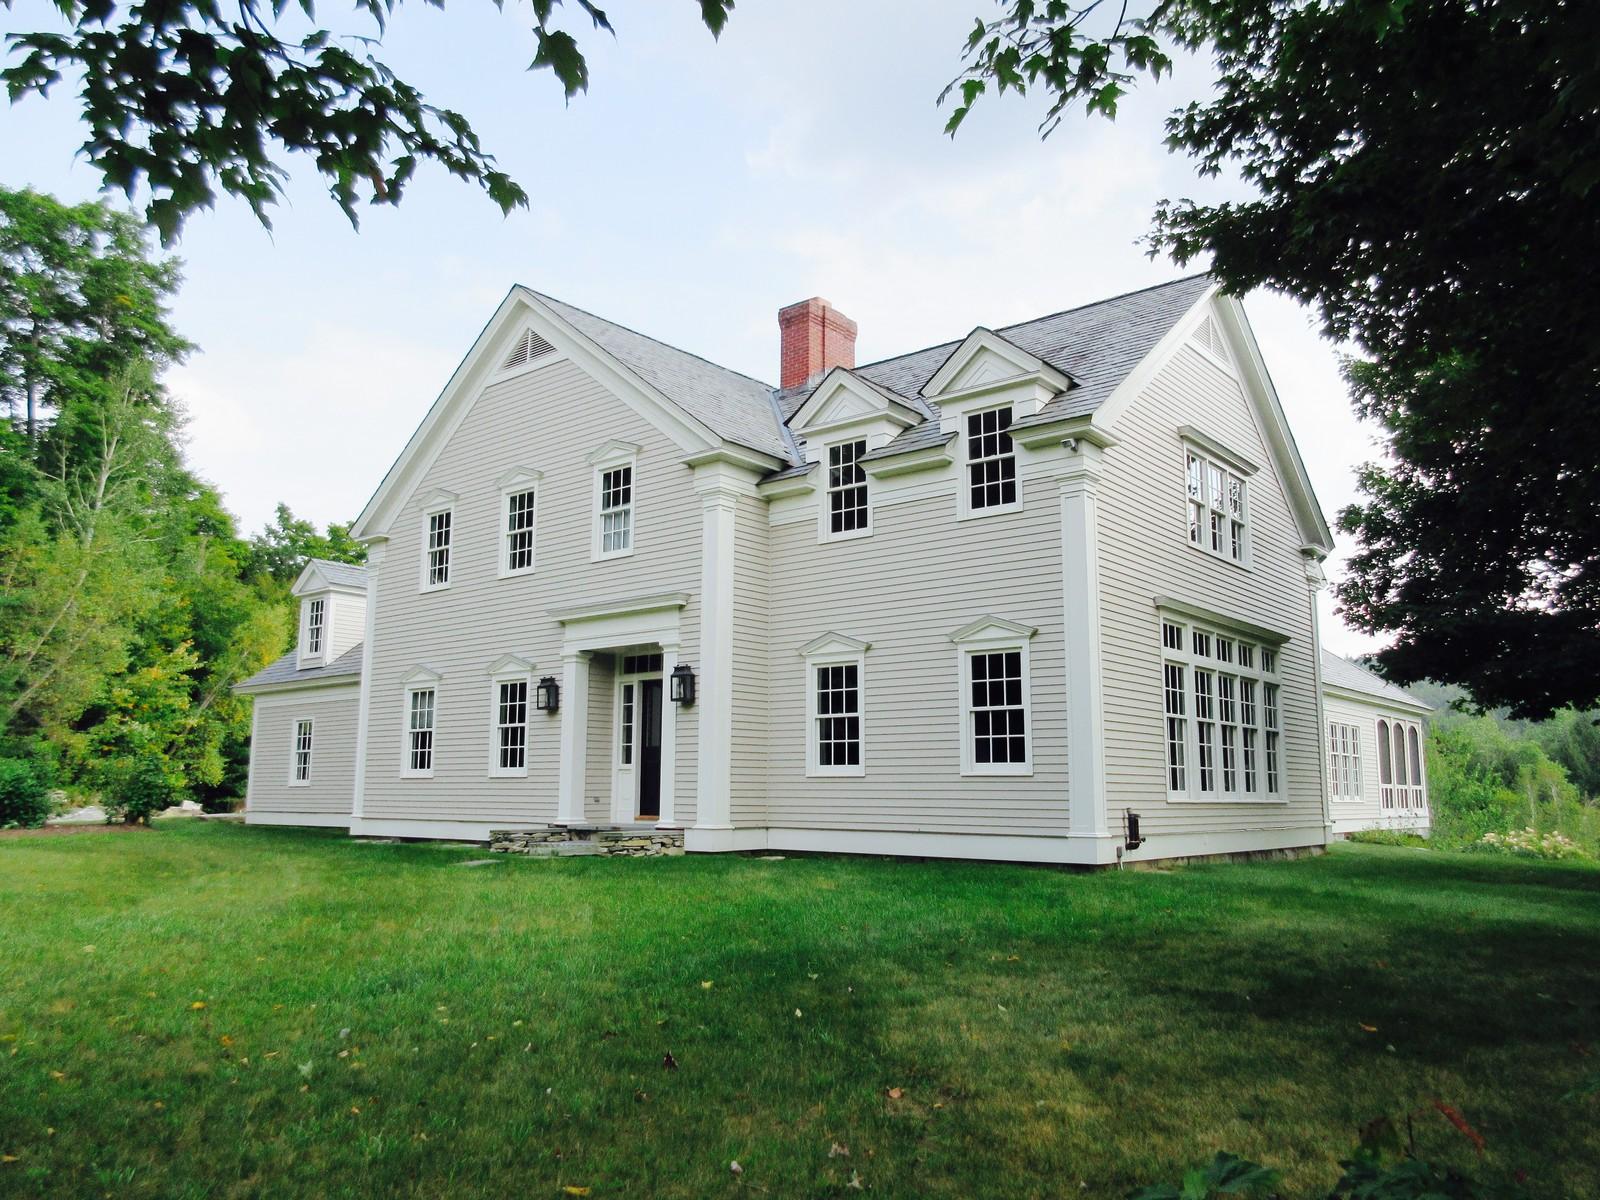 단독 가정 주택 용 매매 에 1426 Goodaleville Rd, Londonderry Londonderry, 베르몬트 05155 미국